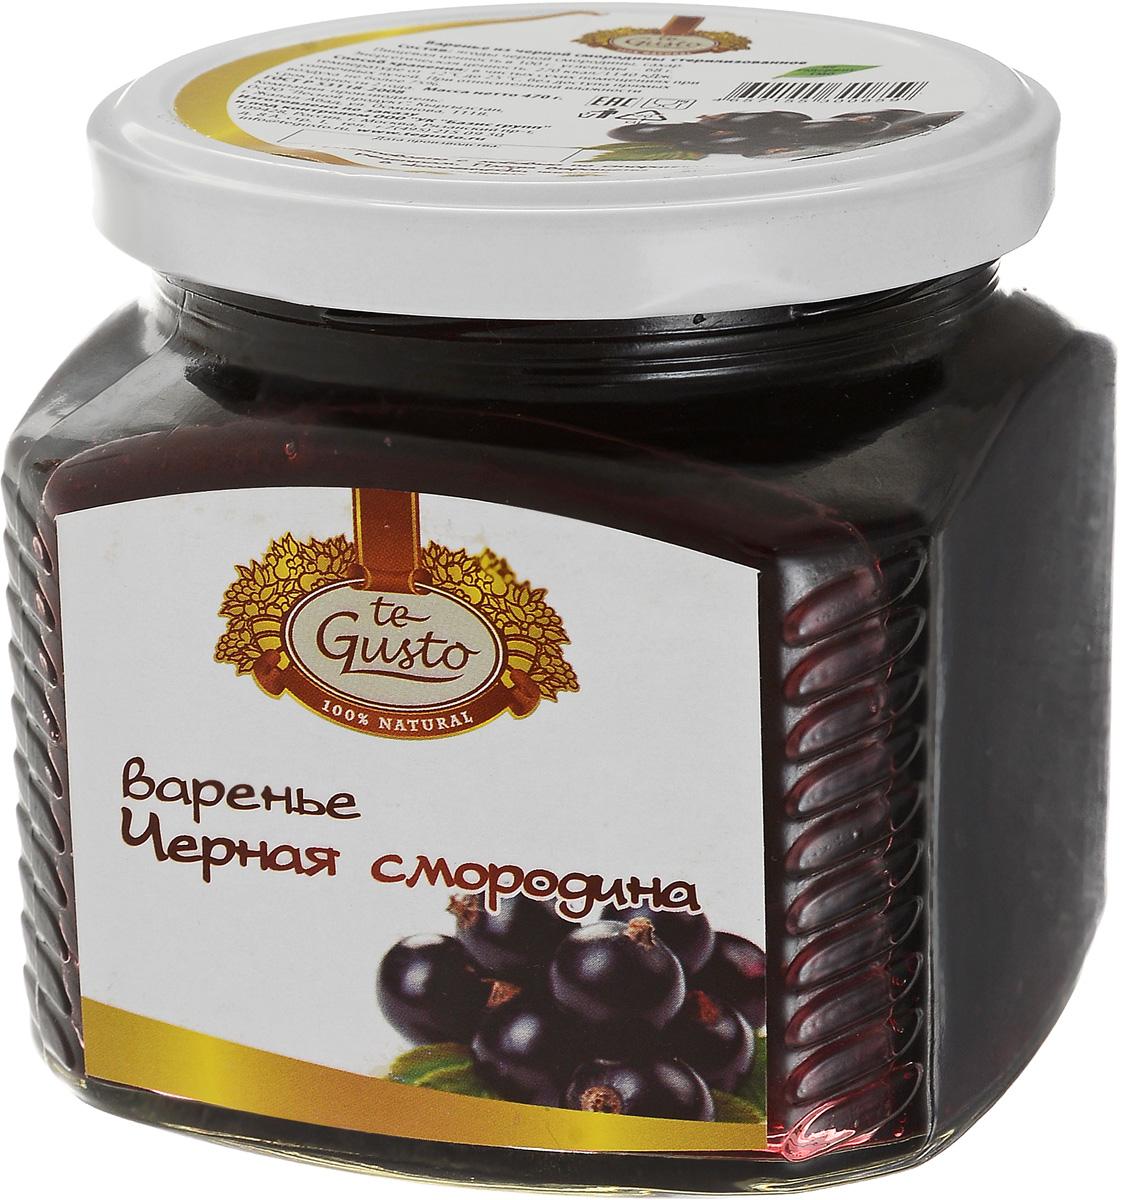 te Gusto Варенье из черной смородины, 470 г te gusto варенье из сливы 430 г